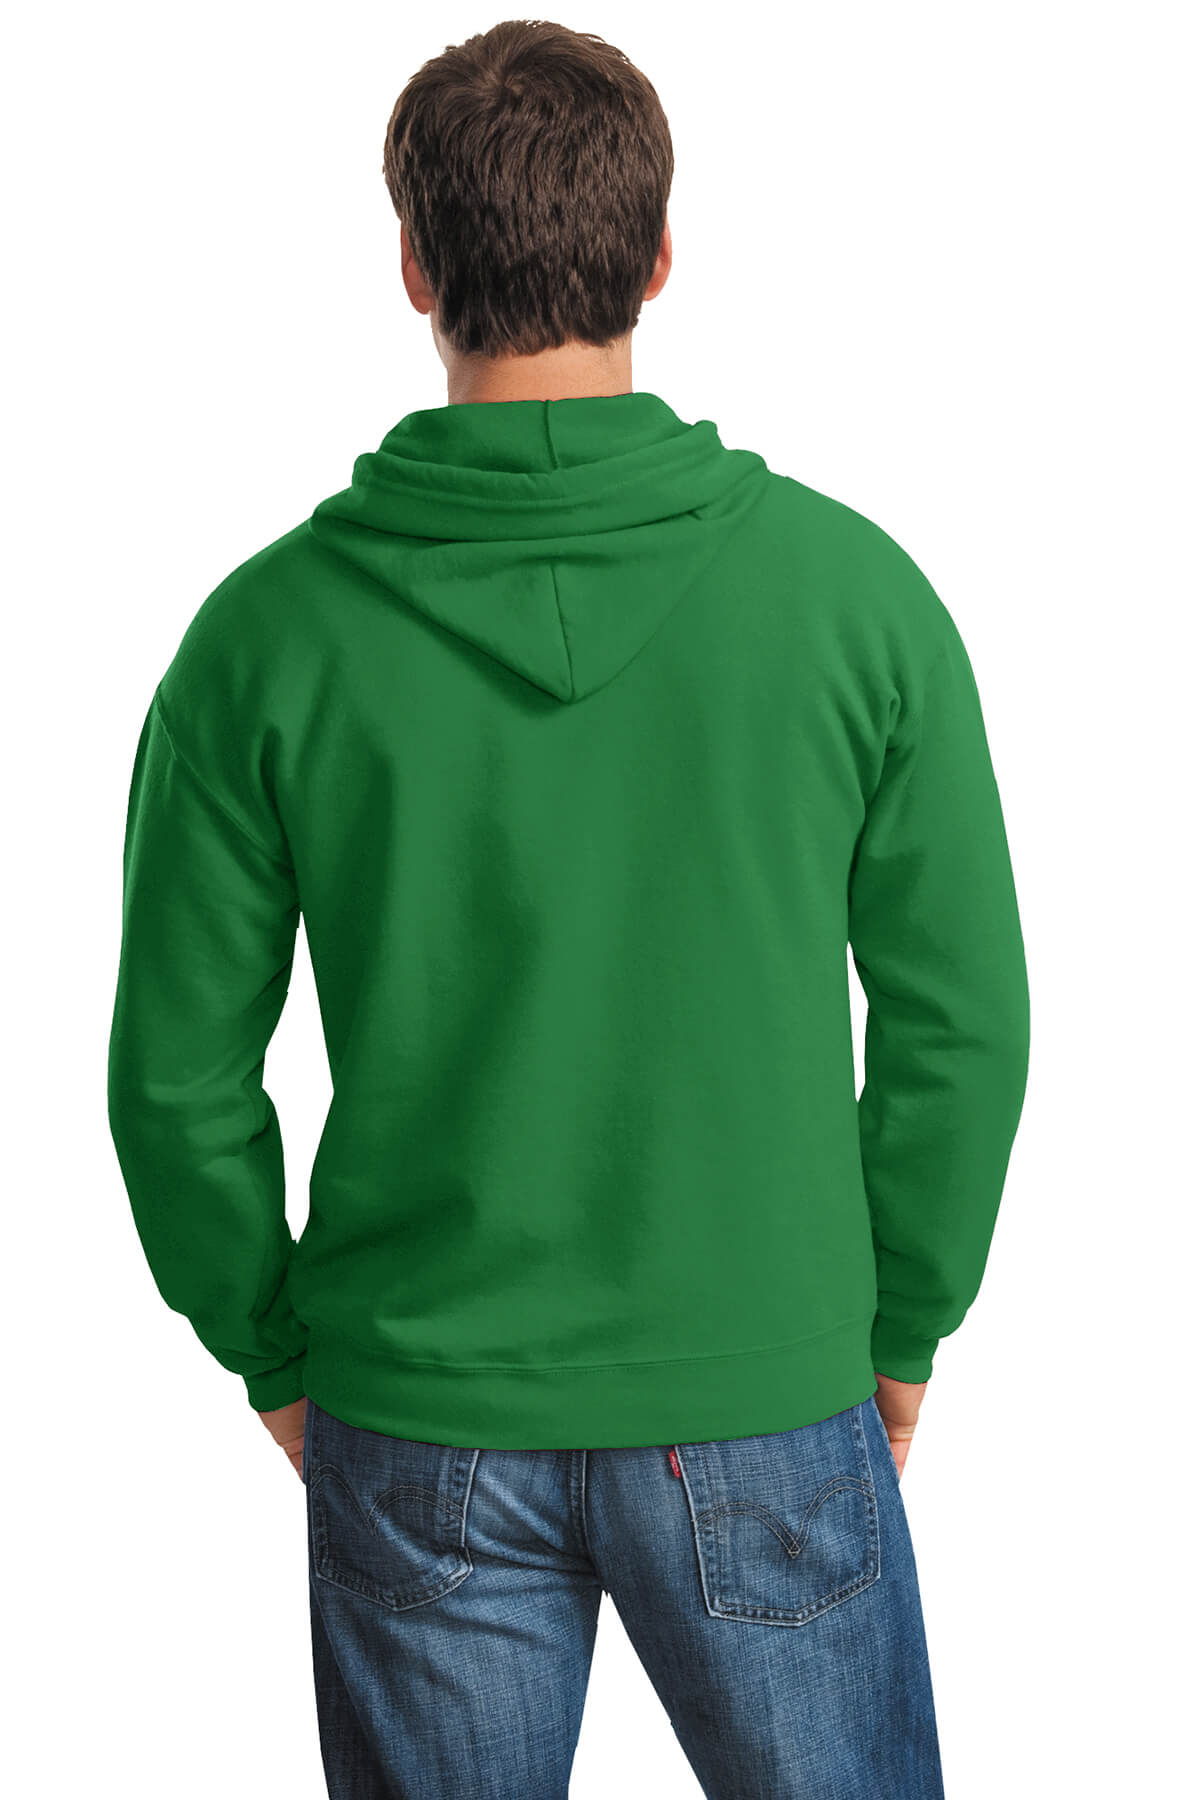 18600-irish-green-2